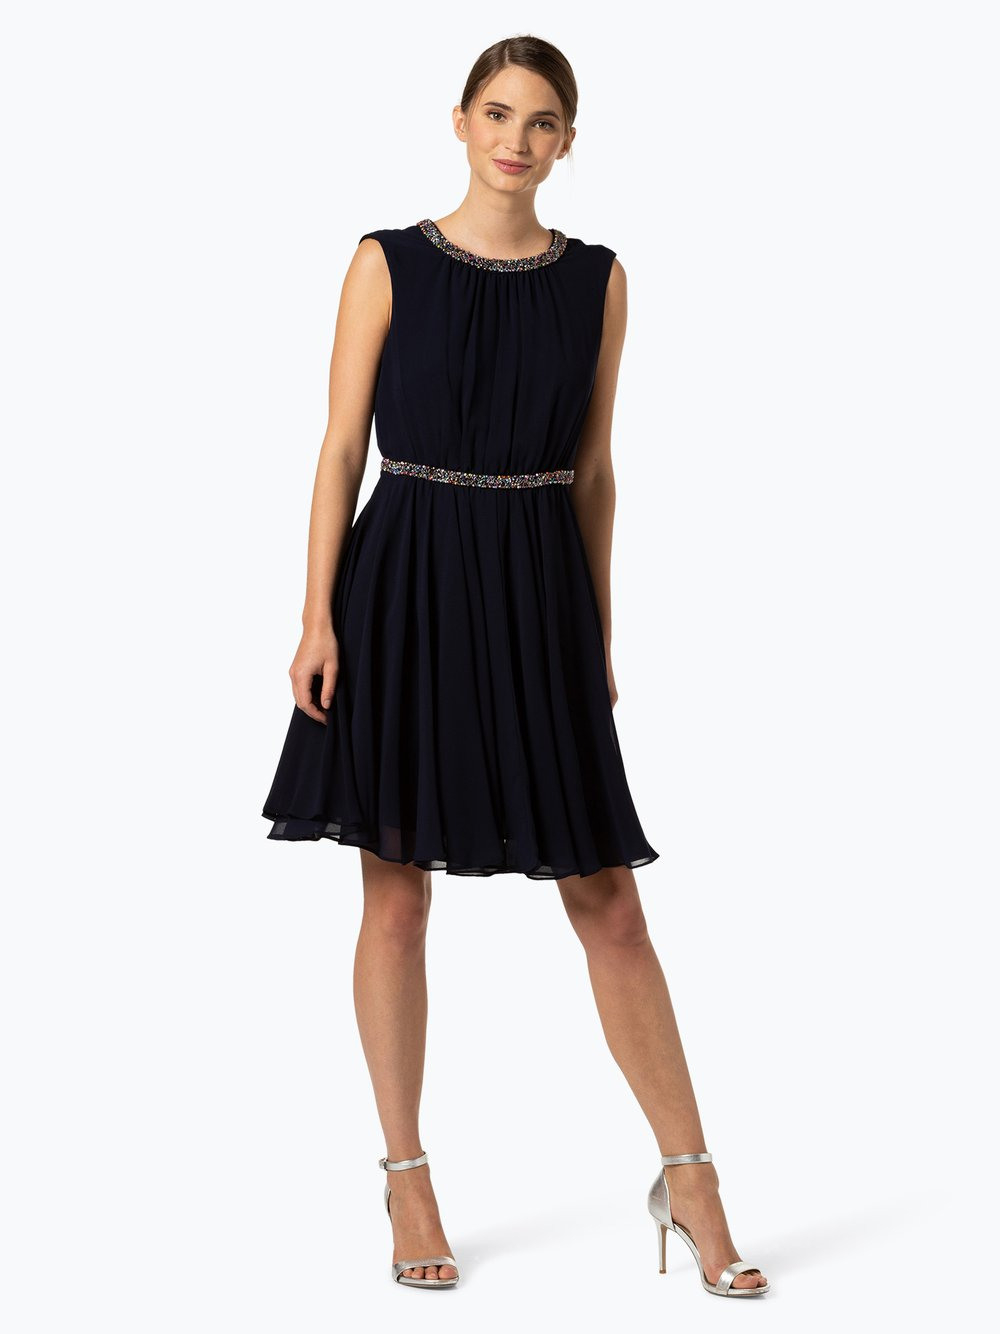 17 Genial Abendkleid Esprit GalerieAbend Luxus Abendkleid Esprit Galerie